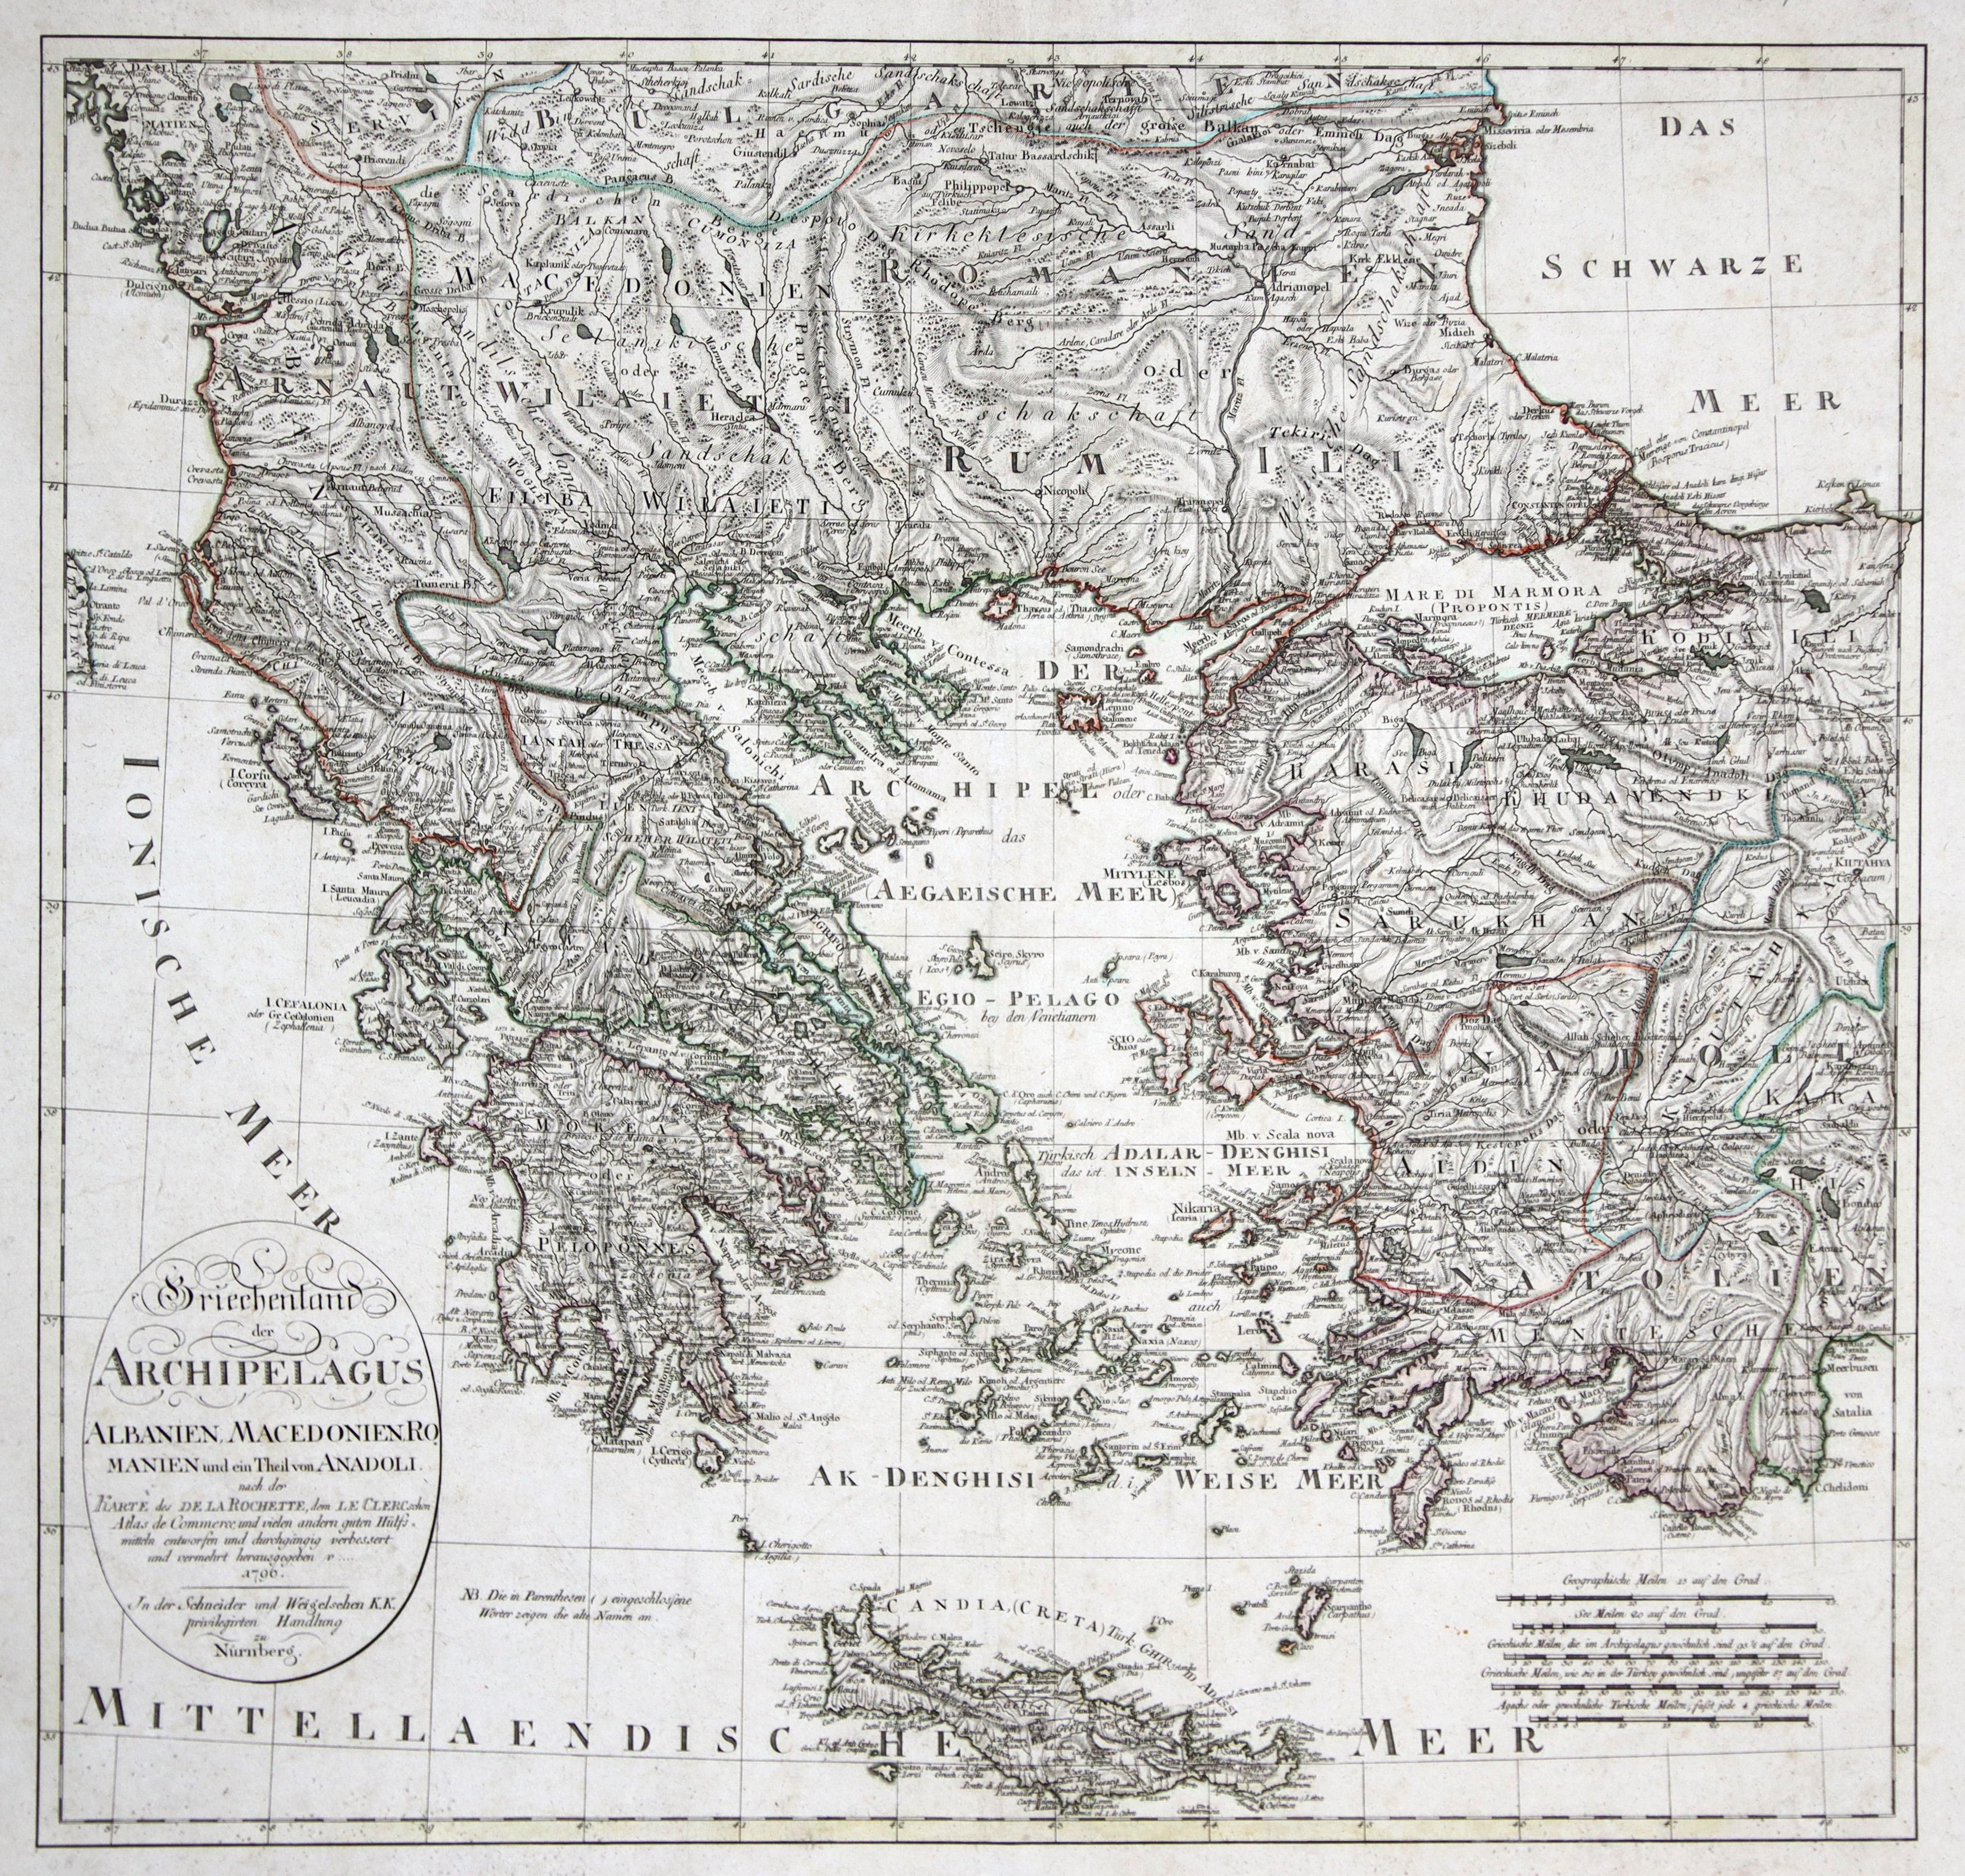 Kst.- Karte, n. La Rochette, Le Clerc: Griechenland ( Greece